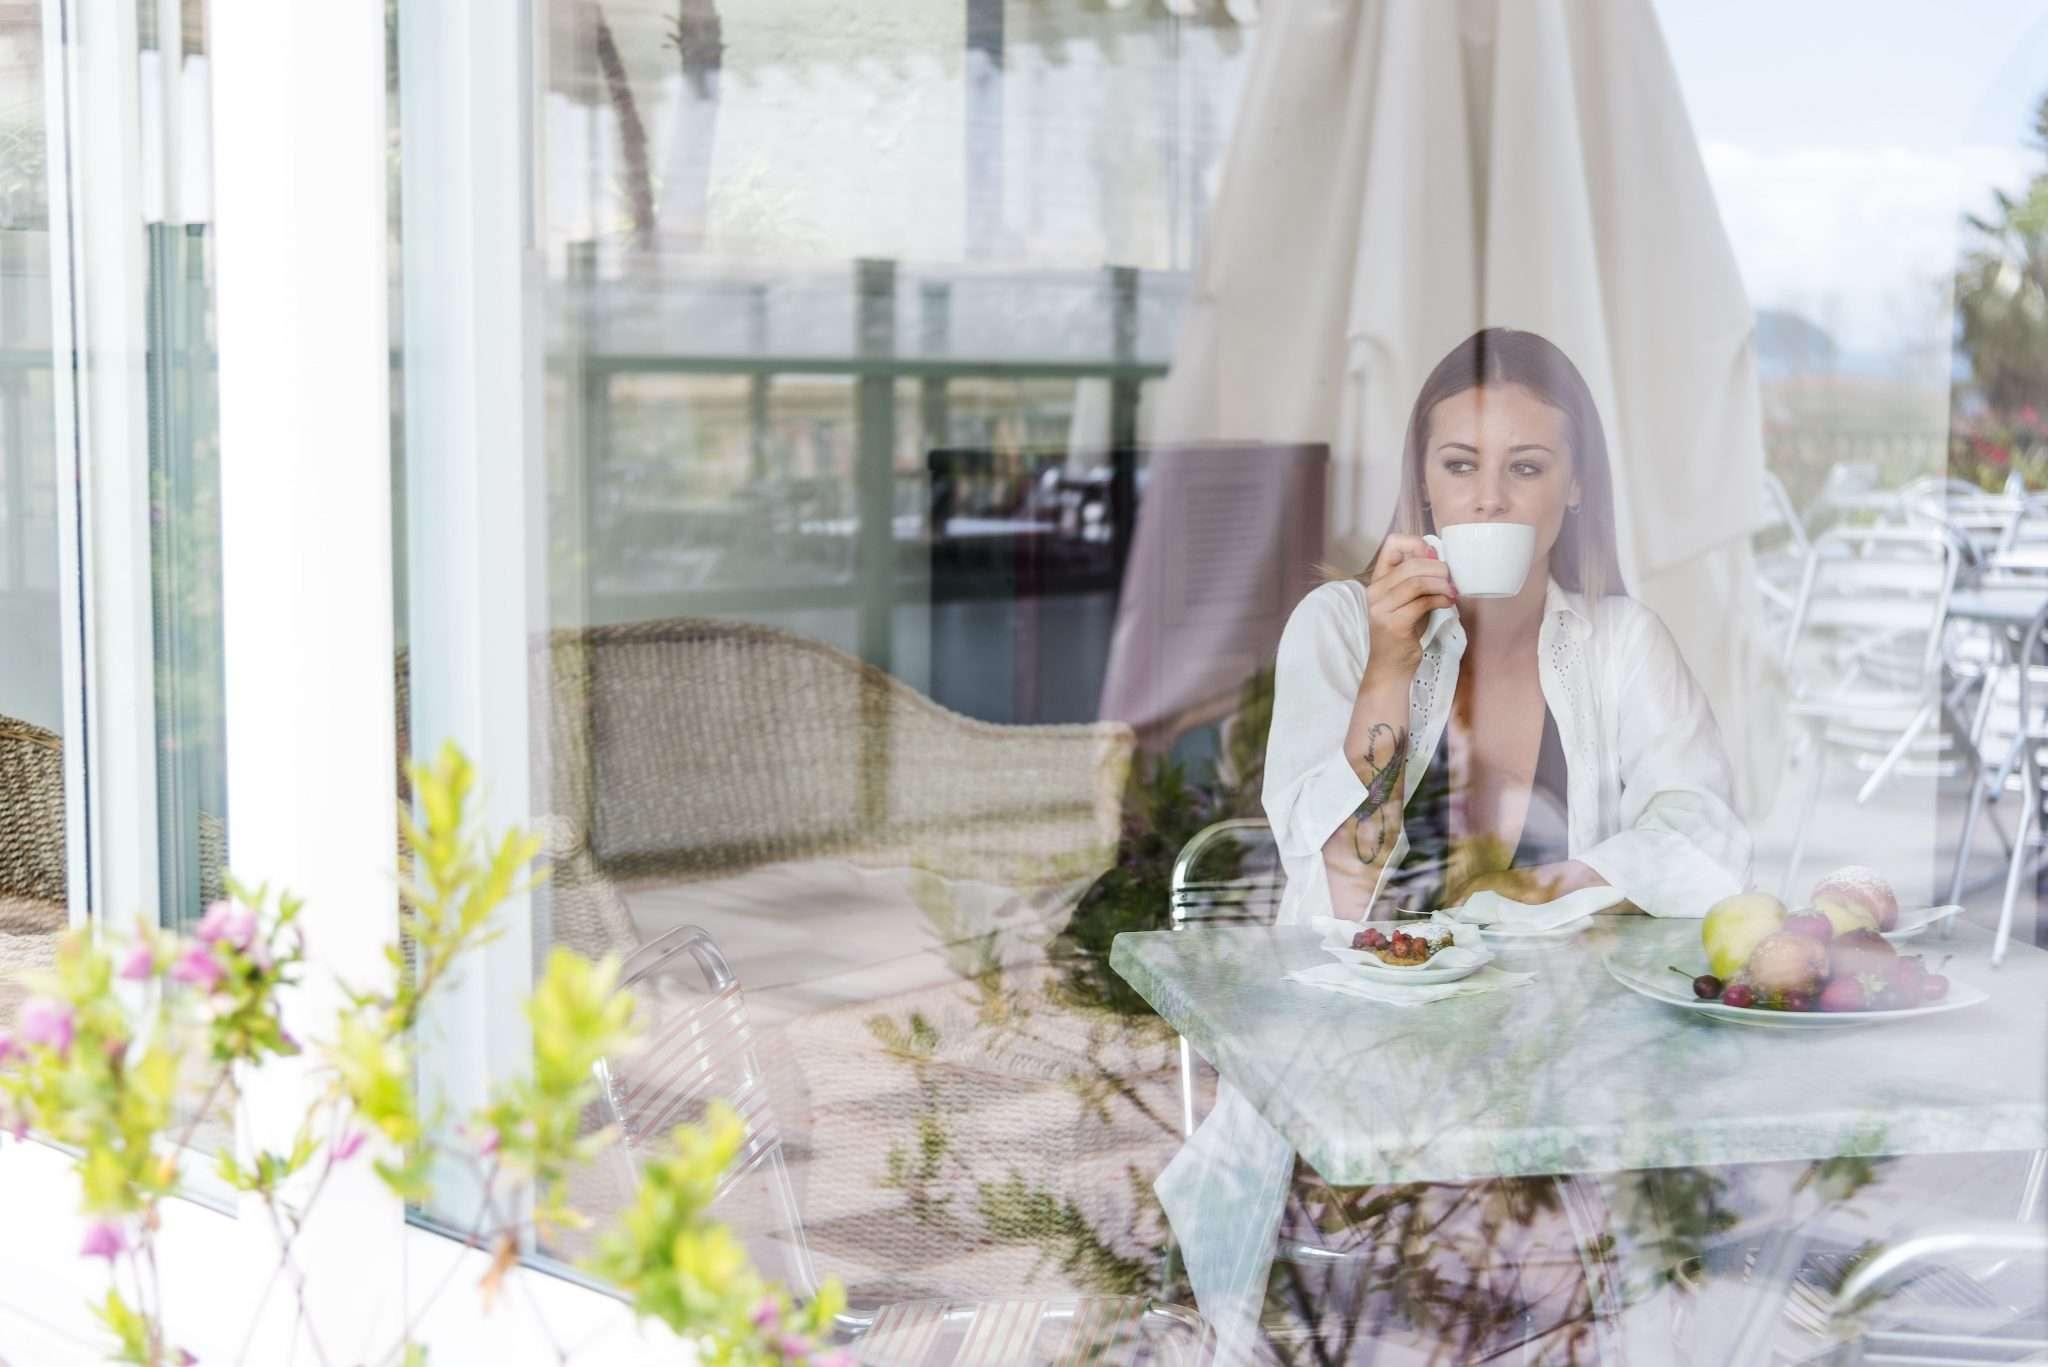 Fotografia donna riflesso al vetro realizzata da Barbara Trincone Fotografo freelance con studio privato a Pozzuoli Napoli specializzata in still Life ad uso e-commerce, book, advertising ed editoria